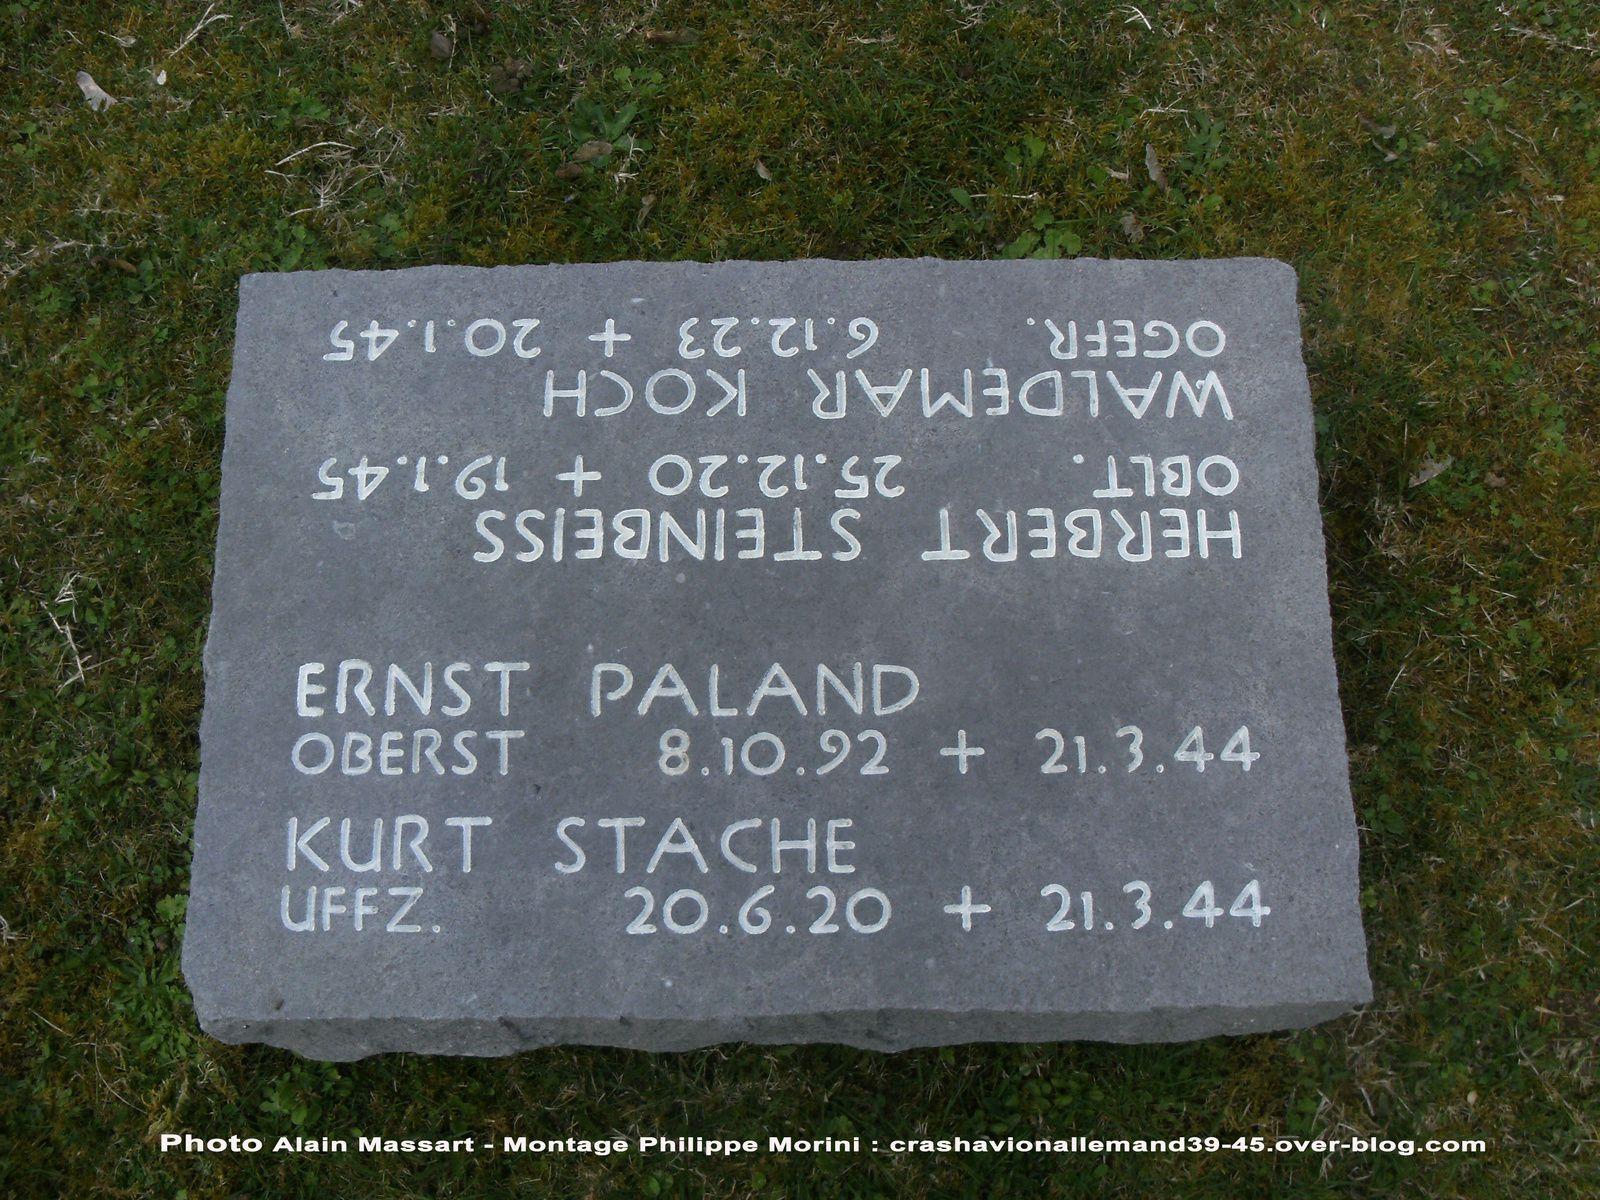 Crash d'un Heinkel He 111 P-5 en Charente-Maritime